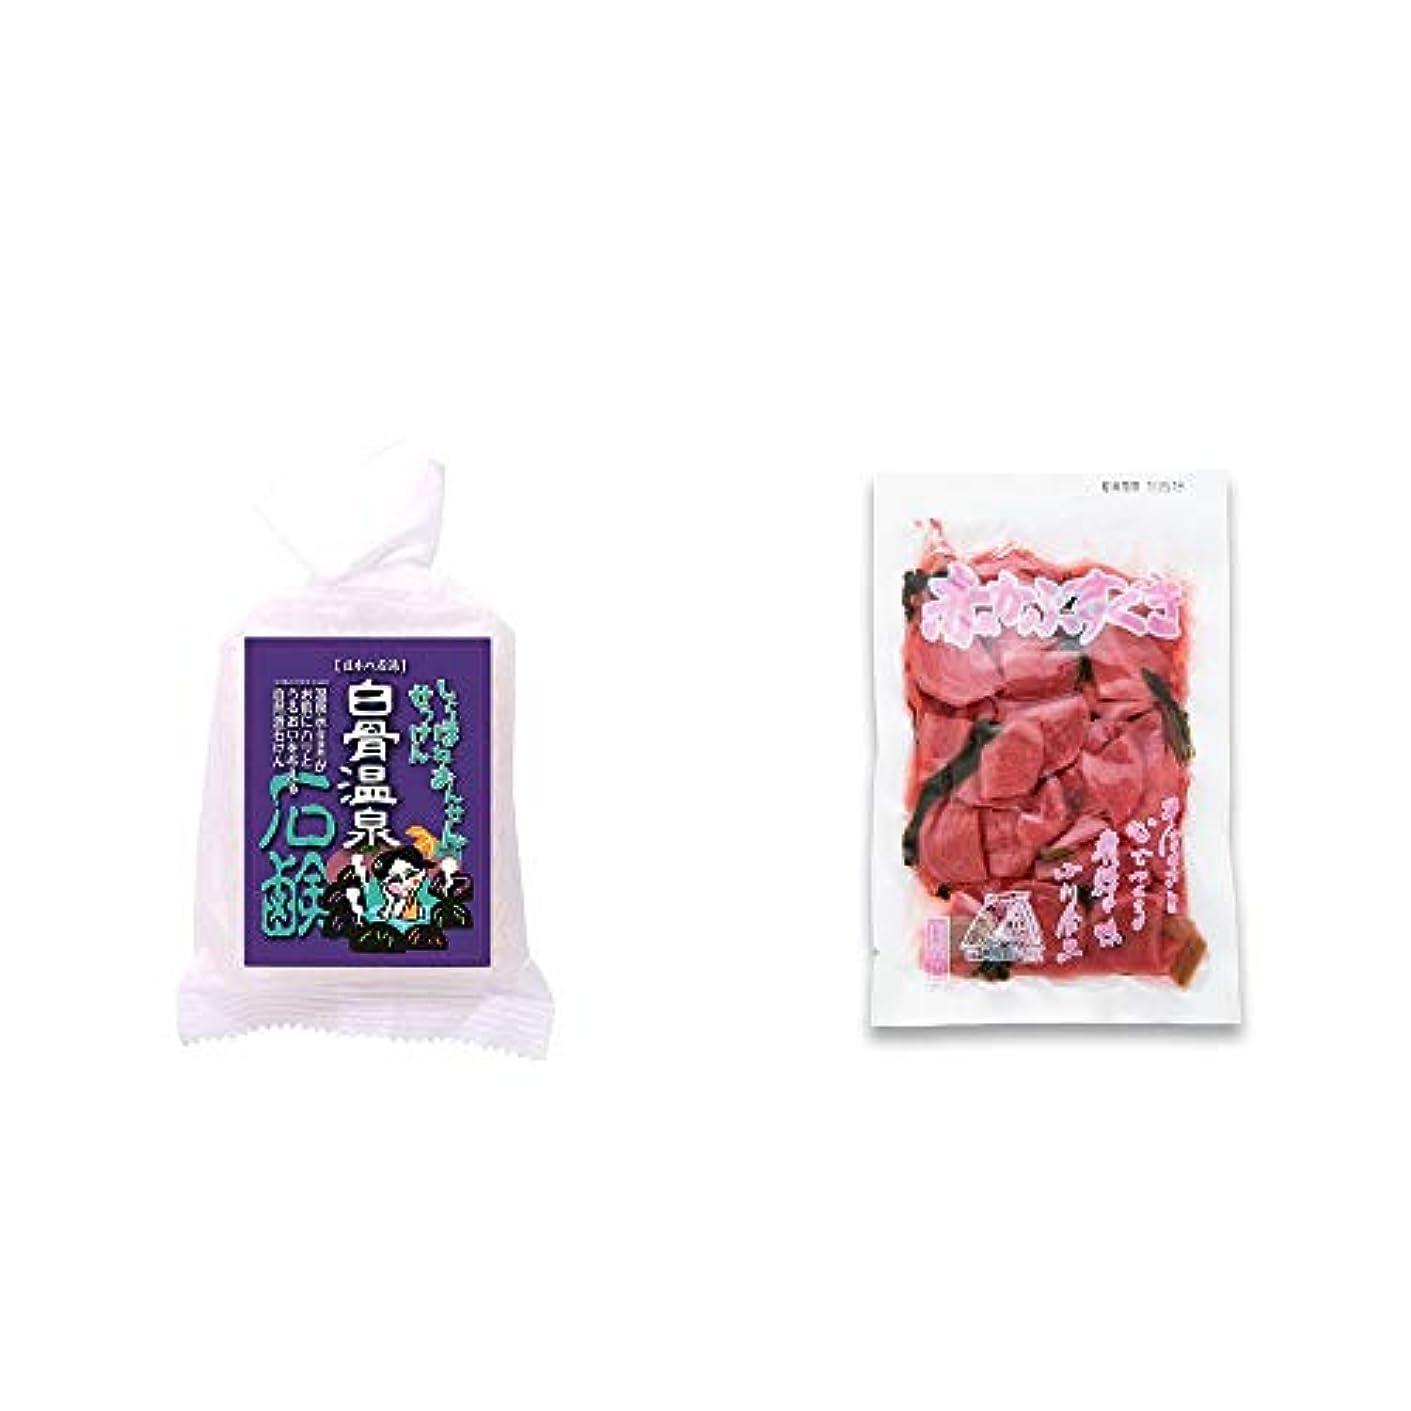 ワイプ魔術師海藻[2点セット] 信州 白骨温泉石鹸(80g)?赤かぶすぐき(160g)